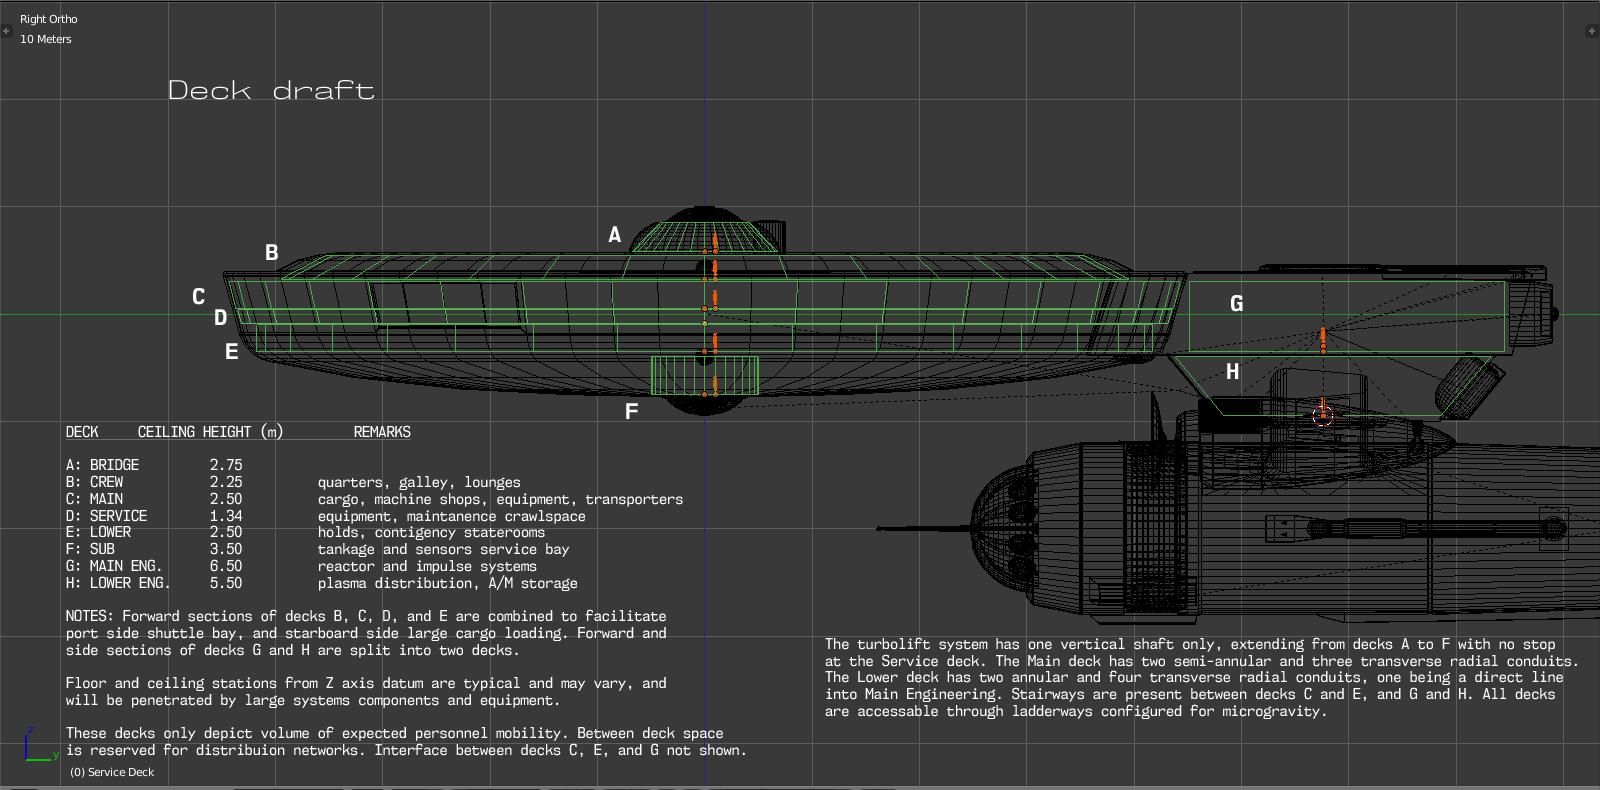 deck_draft.jpg